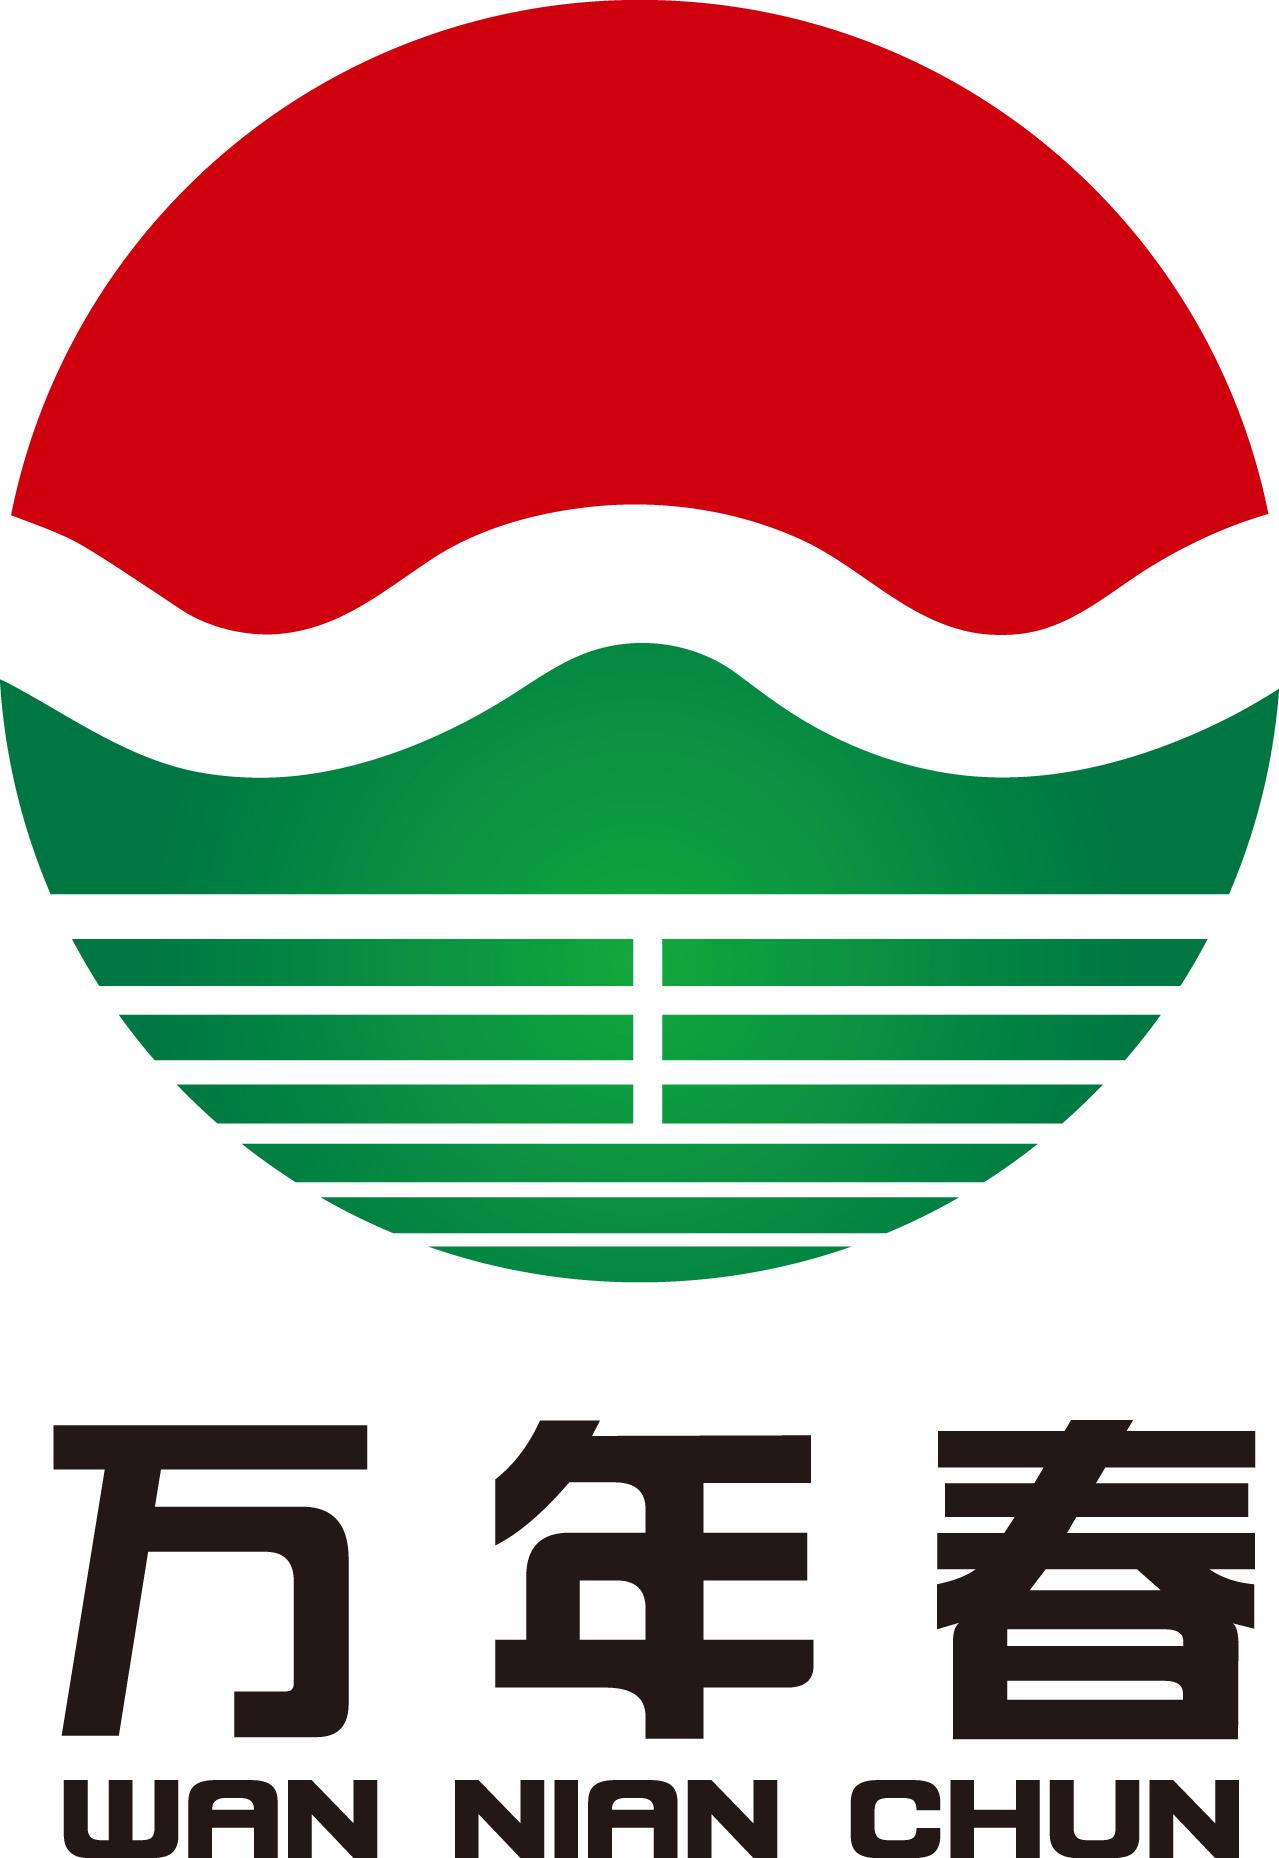 深圳市萬年春環境建設有限公司